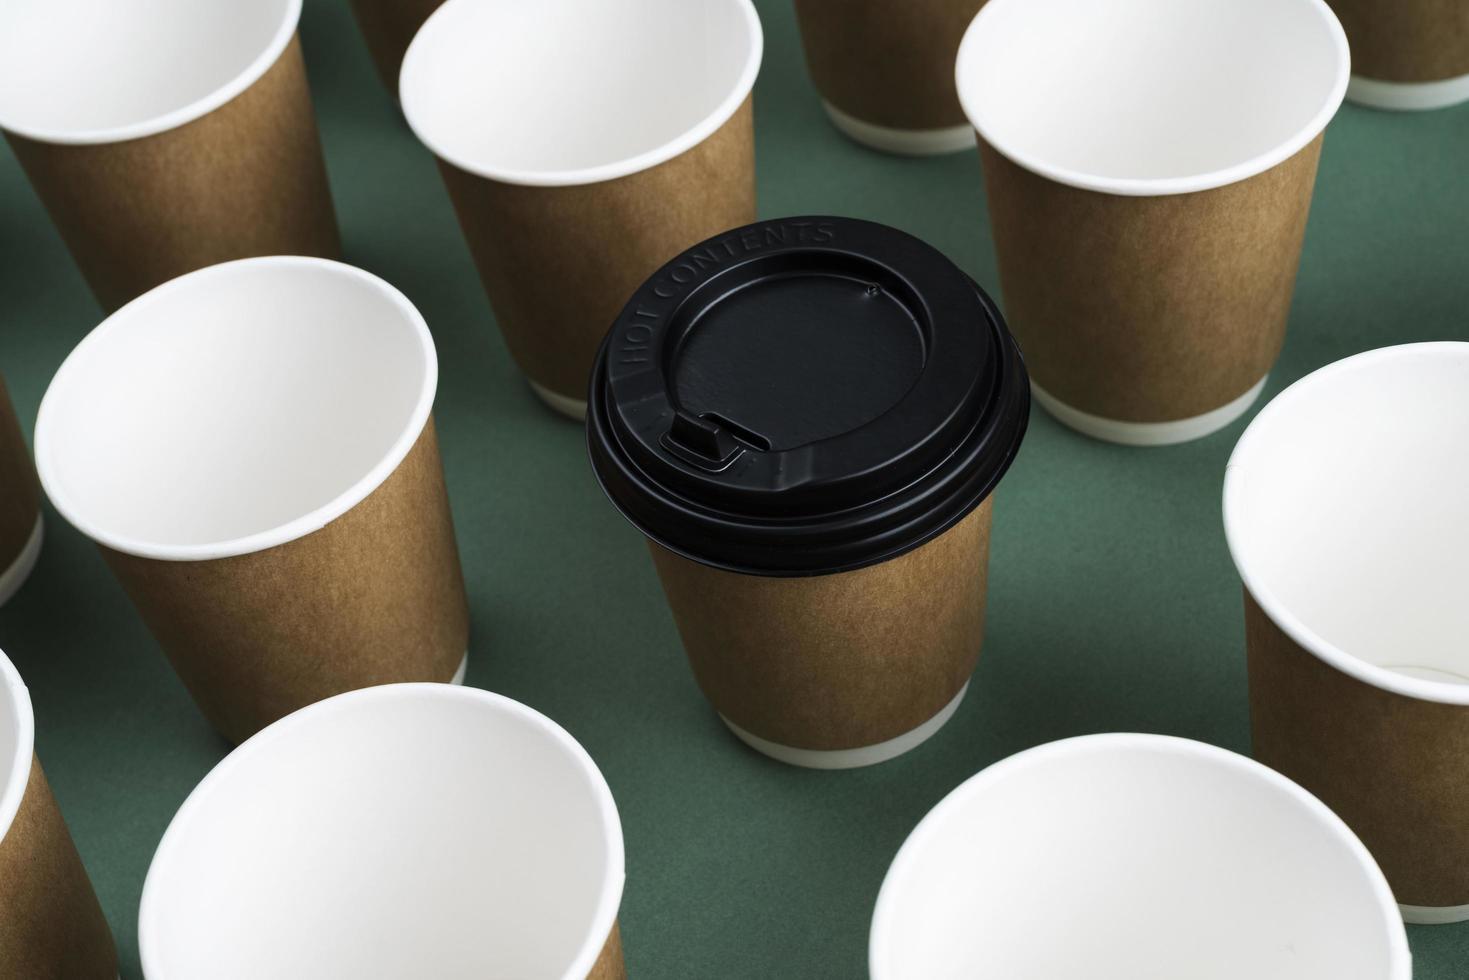 Anordnung von Einwegkaffeetassen foto